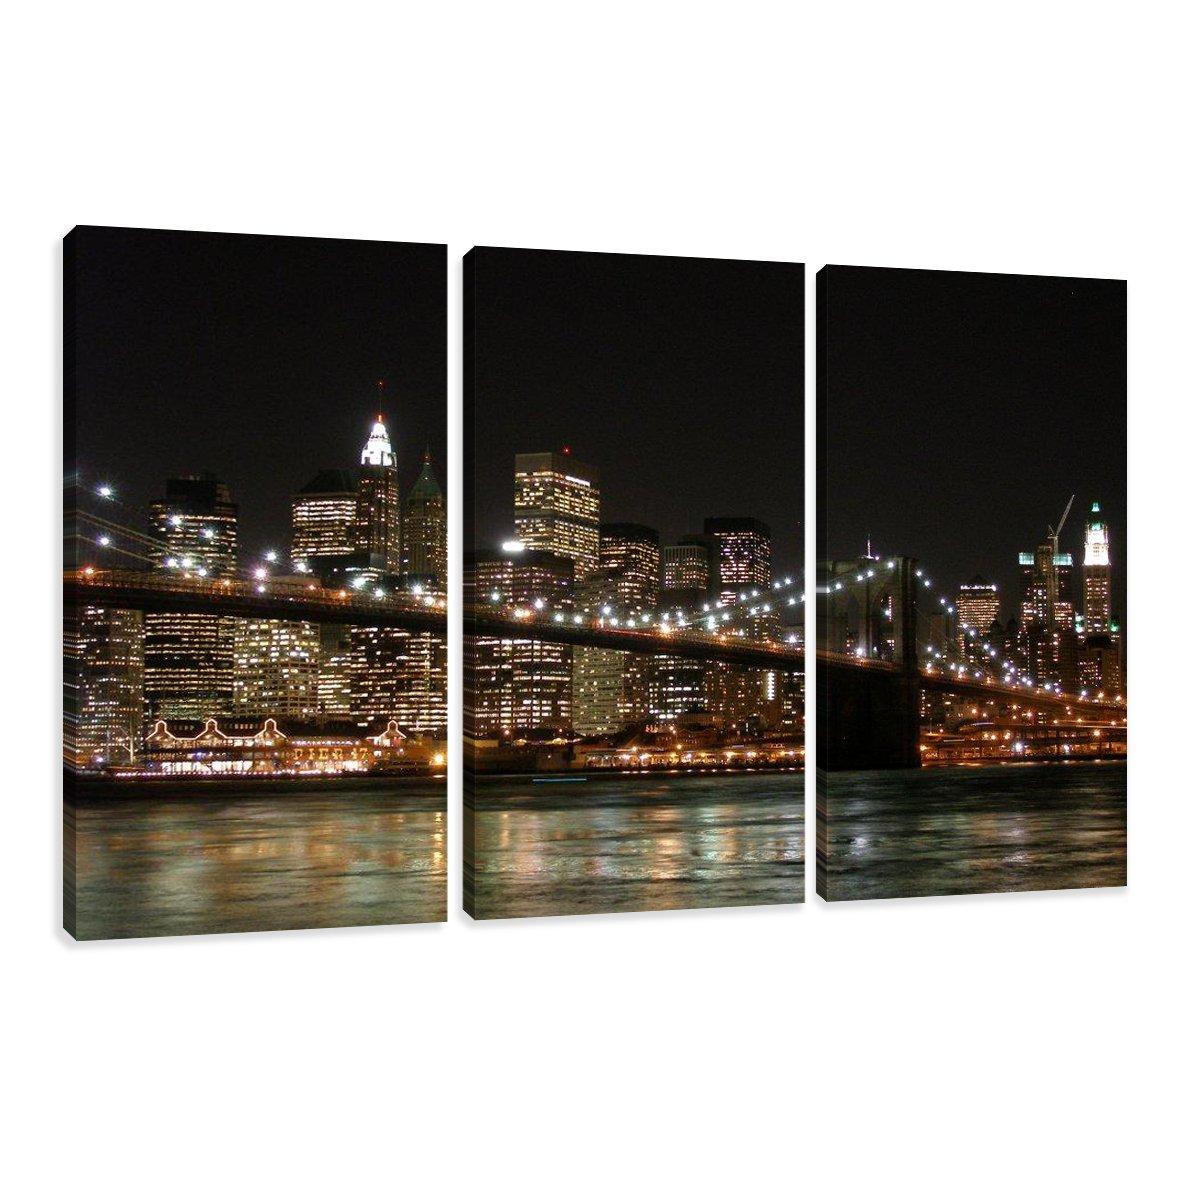 Cuadros en Lienzo Nueva York 160 x 90 cm modelo Nr. 1008 XXL Las imágenes estan listas, enmarcadas en marcos de Madera auténtica. El diseño de la impresión artística como un Mural enmarcado.  Electrónica Comentarios de clientes y más información